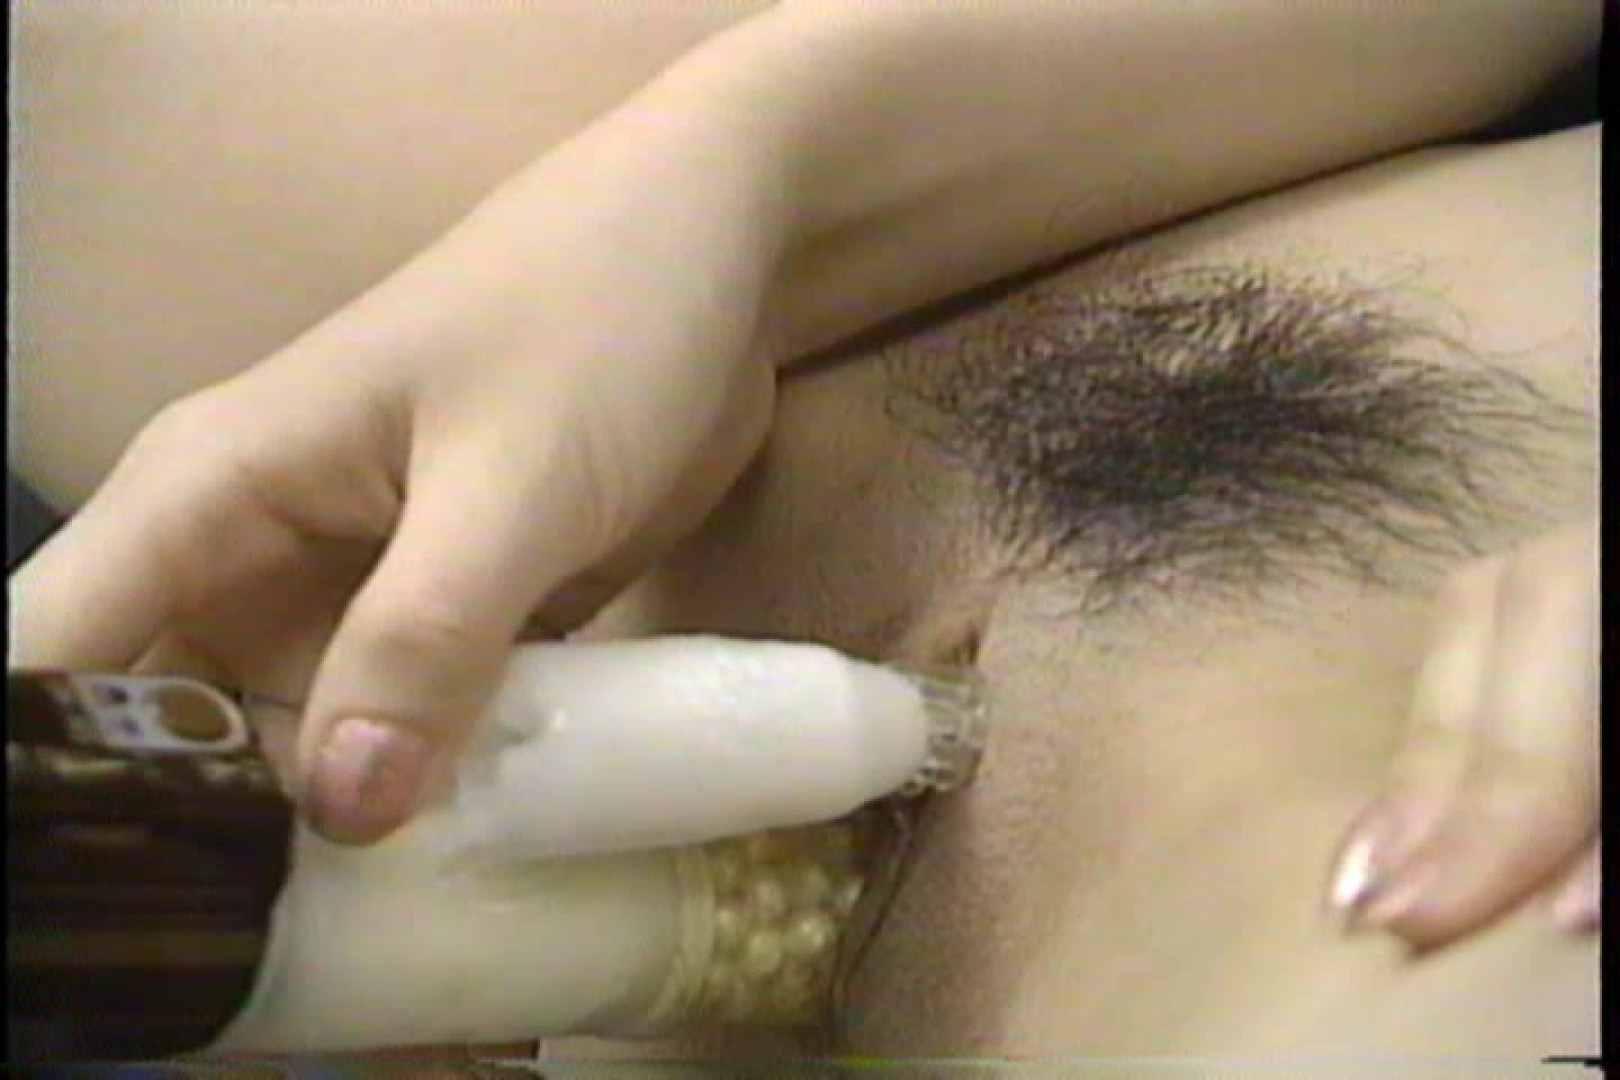 かわいい人妻、巨乳が疼いて止まらない~飯島れいか~ バイブ すけべAV動画紹介 108連発 63